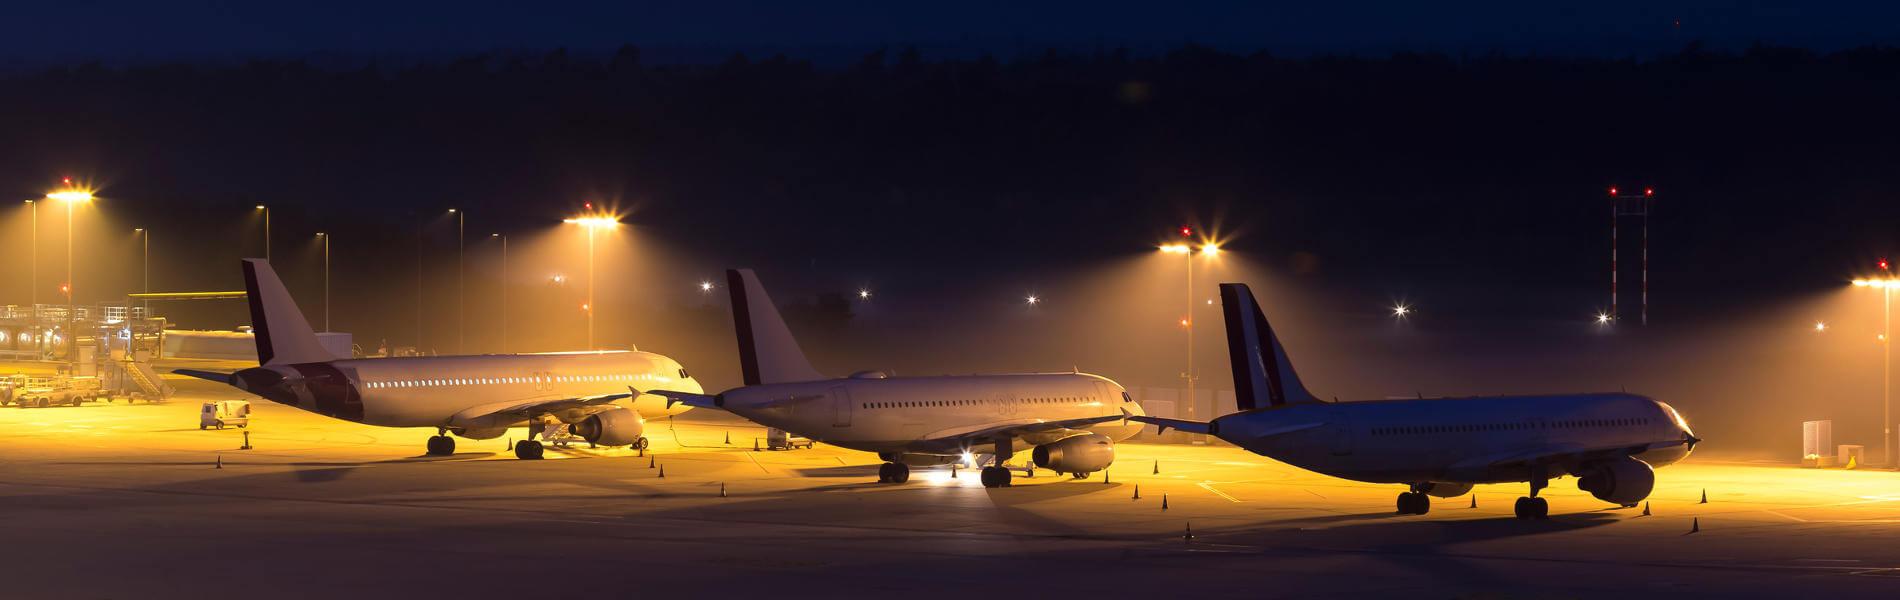 Logistik bei Nacht: Fortsetzung des Tages mit künstlicher Beleuchtung